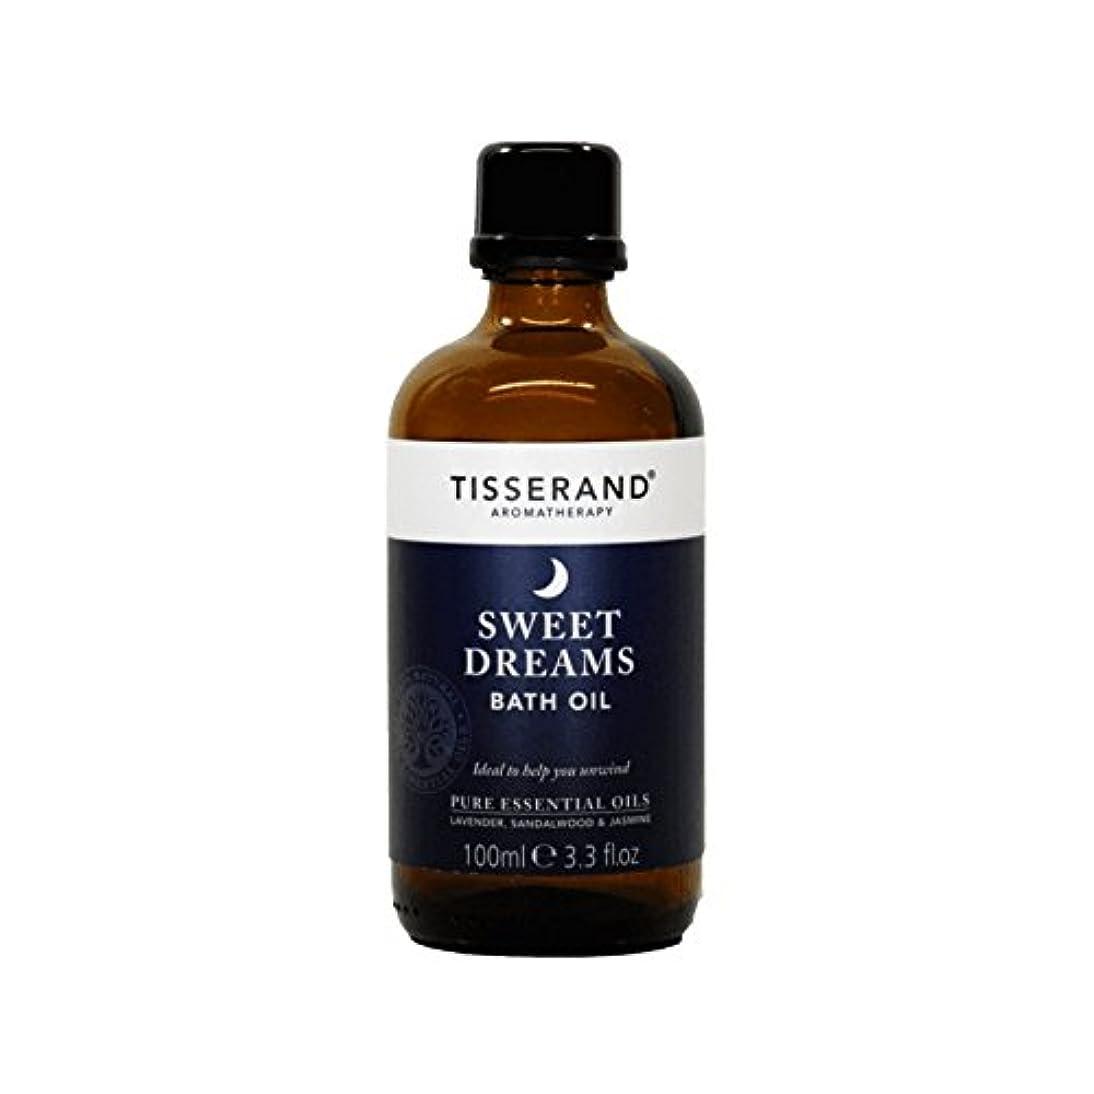 延期する雇用者ミントティスランド甘い夢バスオイルの100ミリリットル - Tisserand Sweet Dreams Bath Oil 100ml (Tisserand) [並行輸入品]